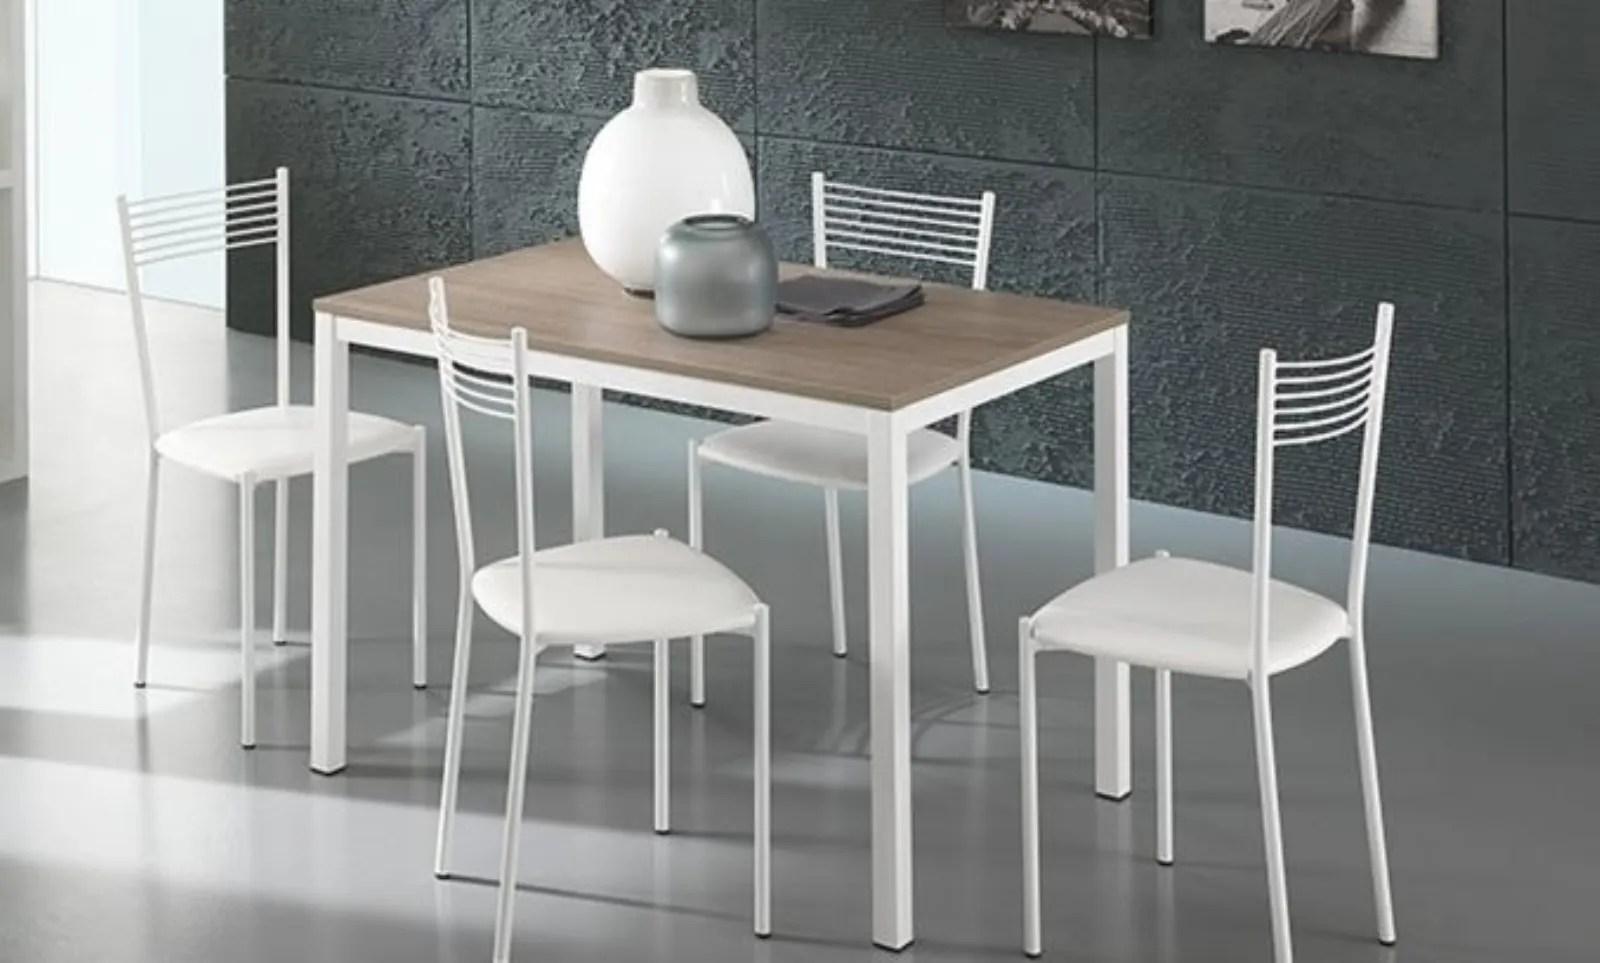 Moderno arte povera tavoli allungabili tavoli in legno tavoli in vetro sedie moderne sedie classiche. Sedie Mondo Convenienza Prezzi Bassi E Buona Qualita